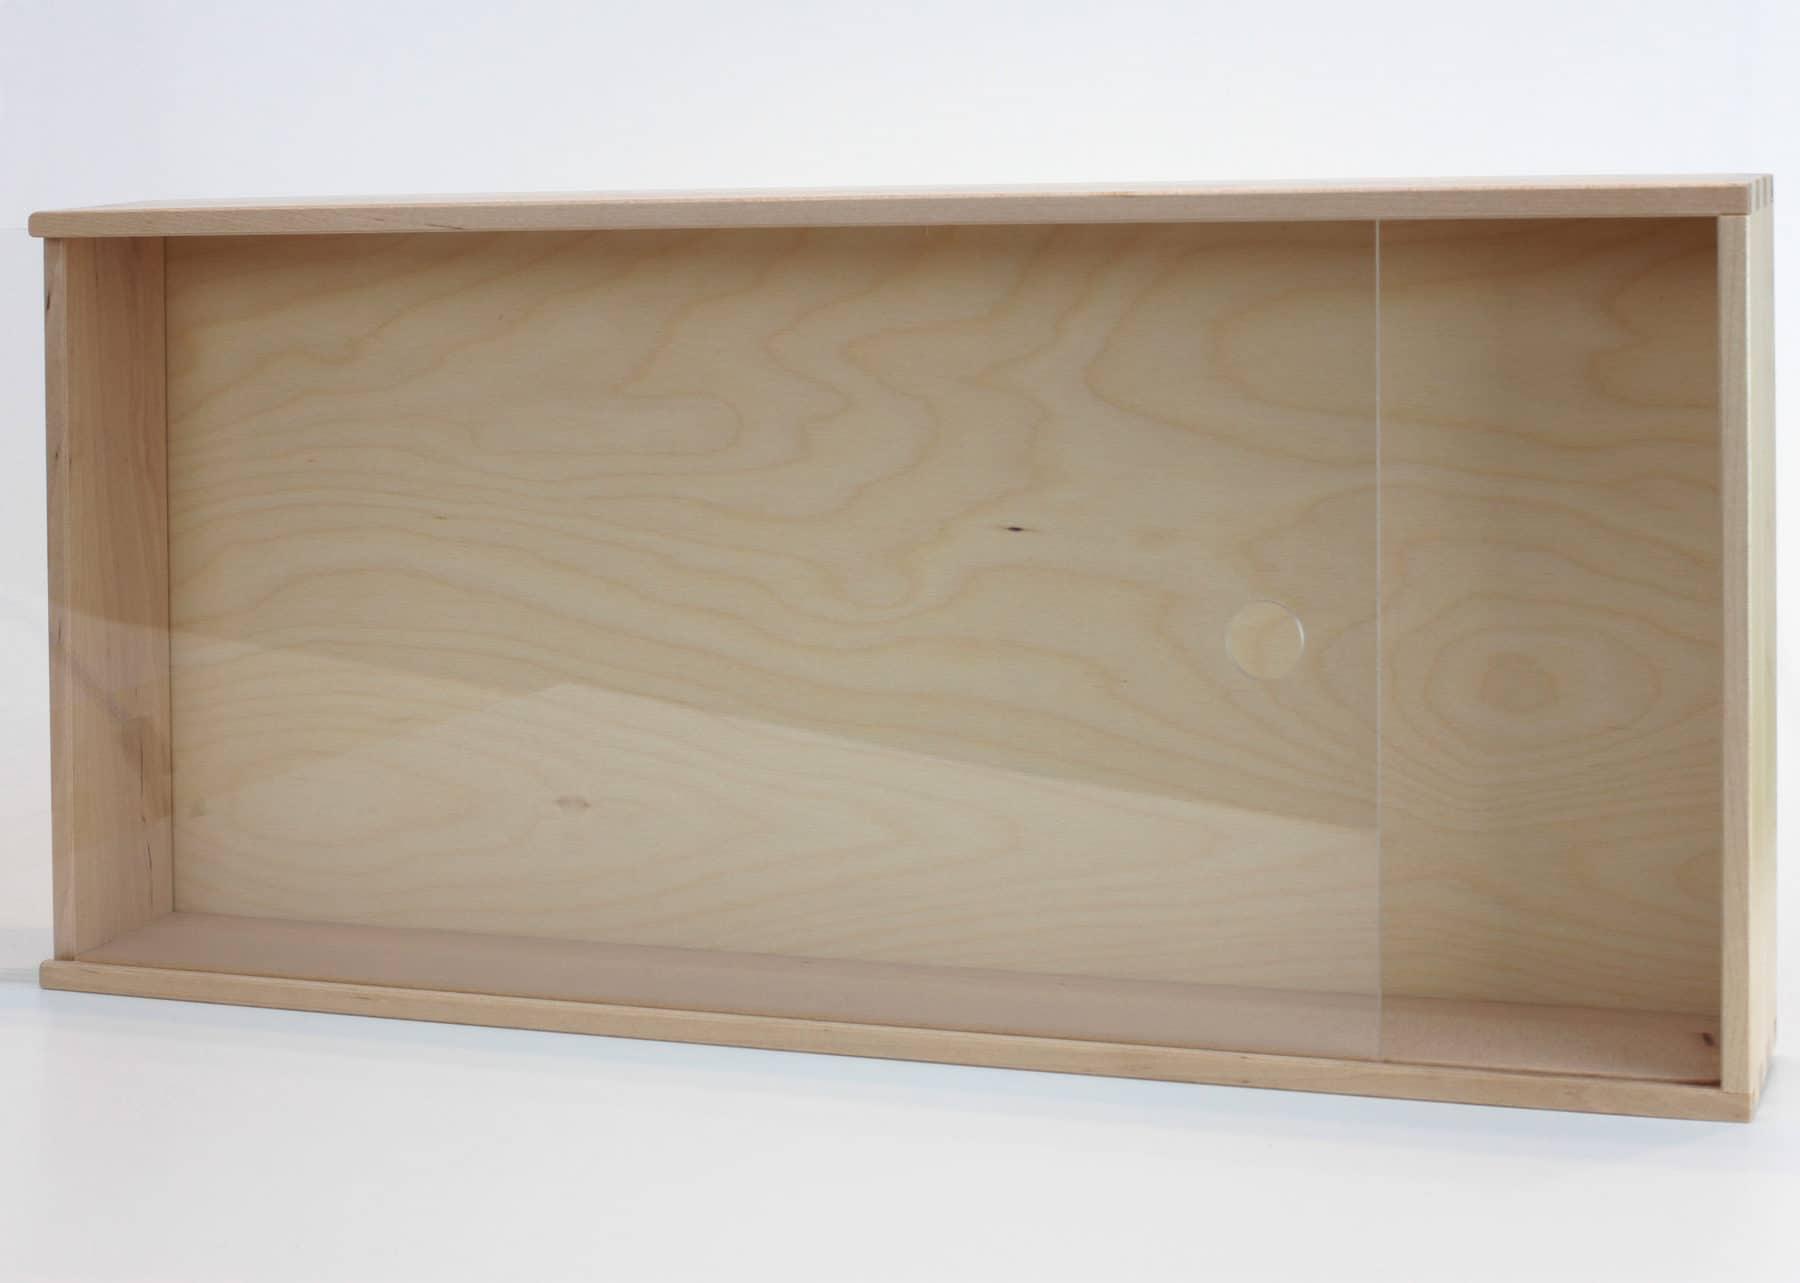 Der SAMMANHANG Schaukasten hat keine vormontierte Aufhängung, kann aber auch stehend verwendet werden.